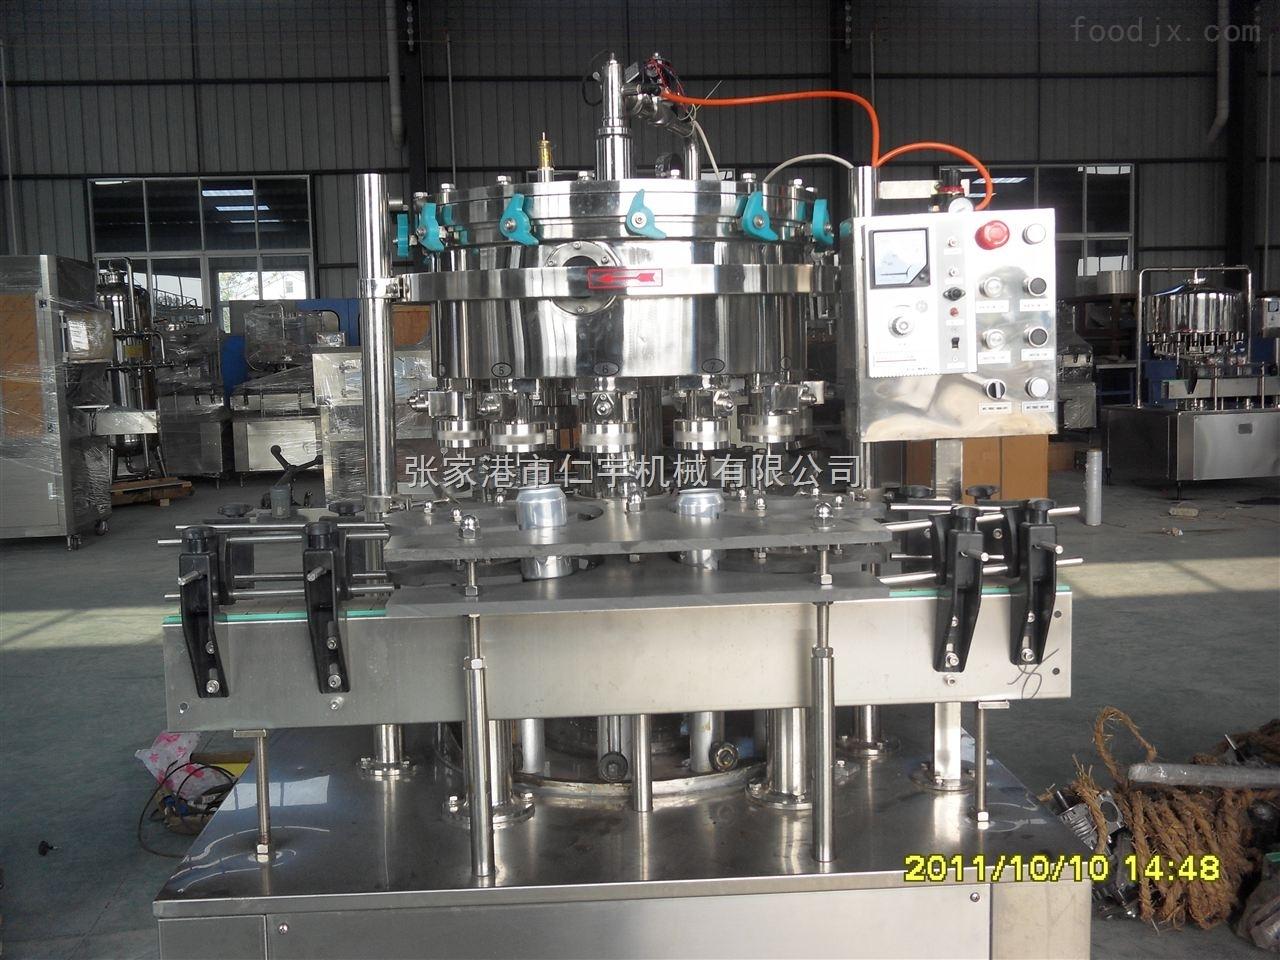 大桶灌装机是专供3-5加仑桶装饮用水生产之用,型号有80型,100型,150型,200型,300型,450型,600型,1200型,2400型,该系列桶装生产线有洗瓶,灌装,封口三部分组成。洗瓶机采用多道洗涤液喷射和消毒液喷射,达到洗涤,消毒的目的,消毒液可以循环使用。封口机可以自动封口,该系列生产线均可自动清洗,消毒,灌装,压盖,计数和输出,具有功能齐全,设计新颖,自动化程度高等特点,是集机,电,气于一体的新型饮用水桶装设备。